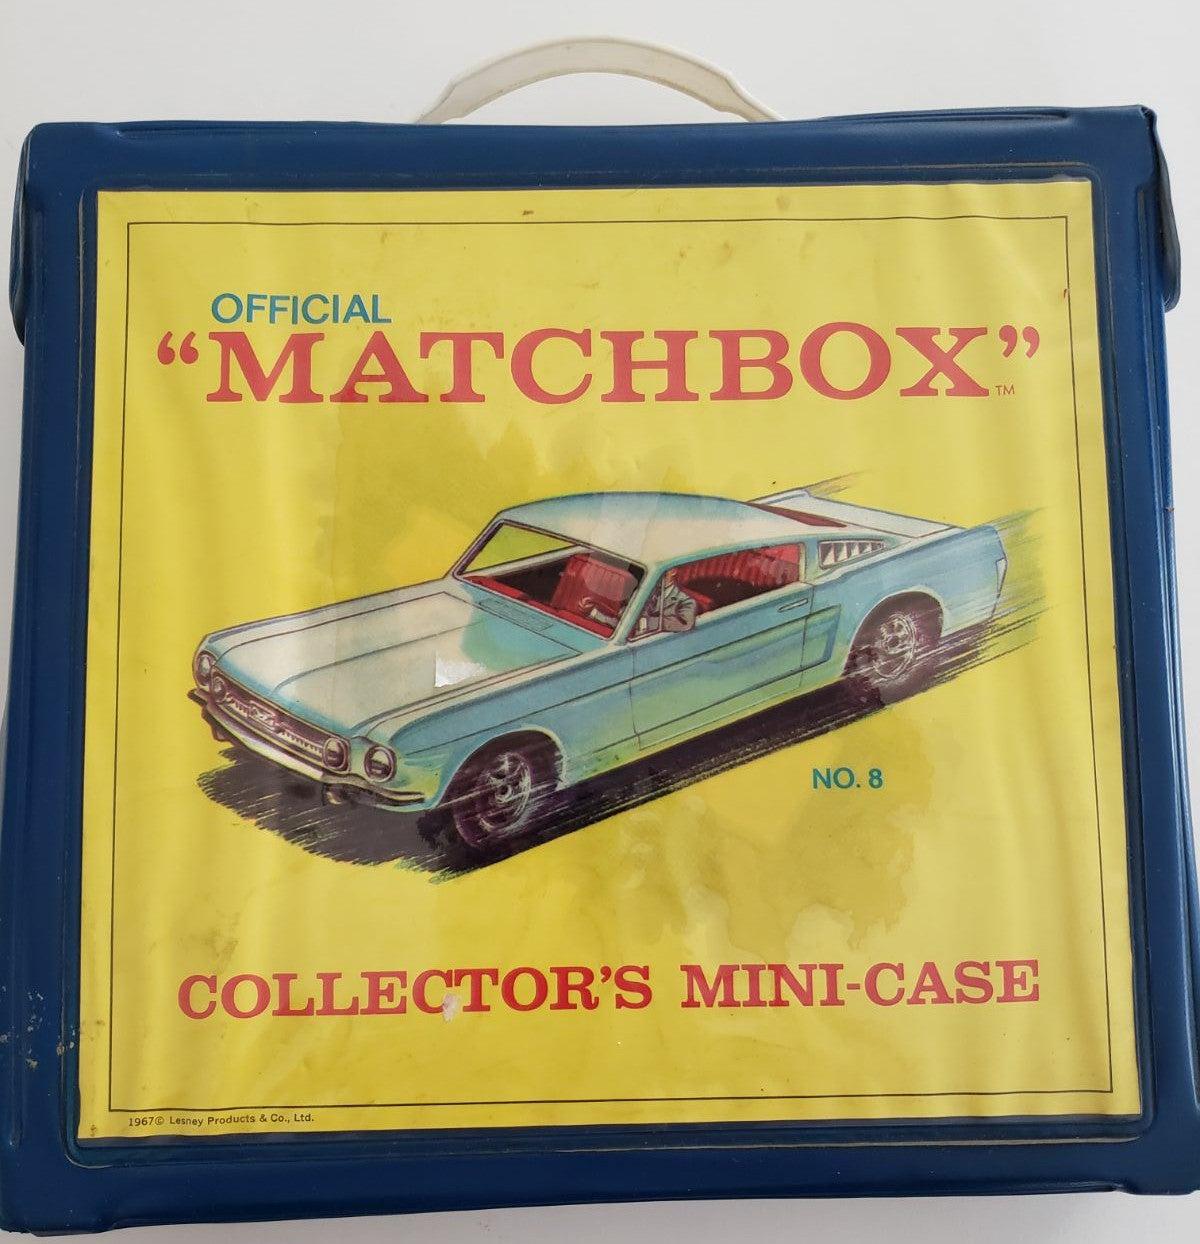 69' Matchbox case